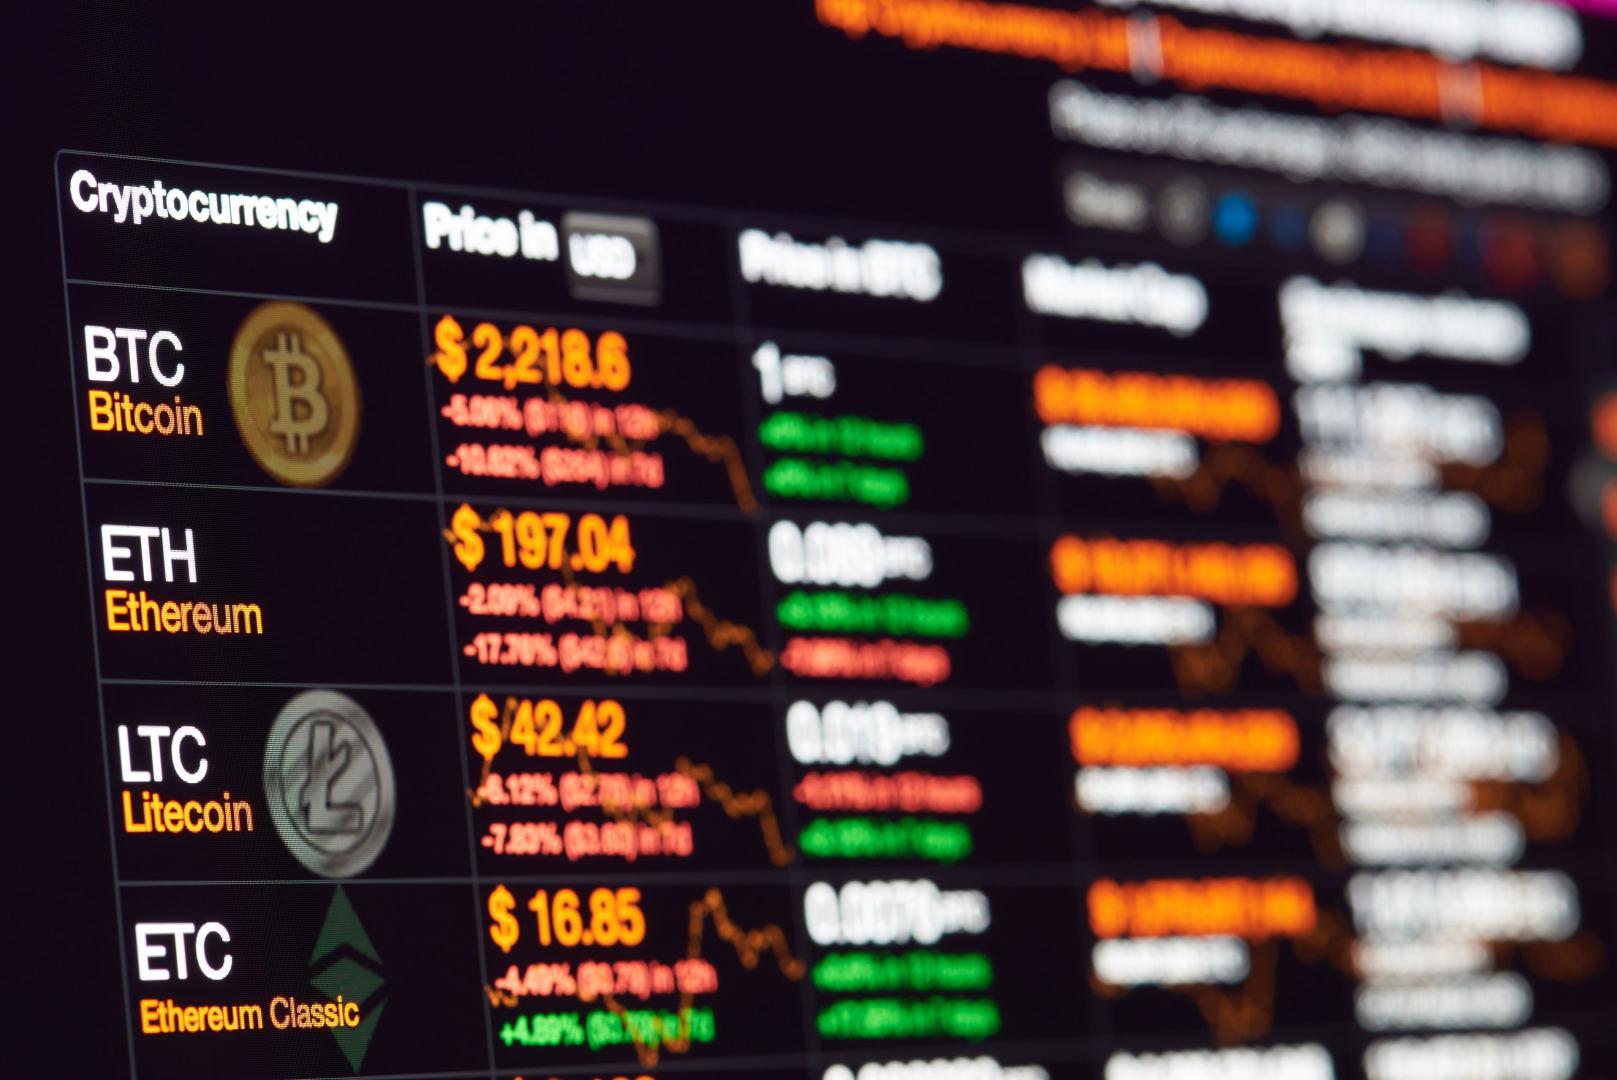 kaip padaryti 1 bitcoin per menesi